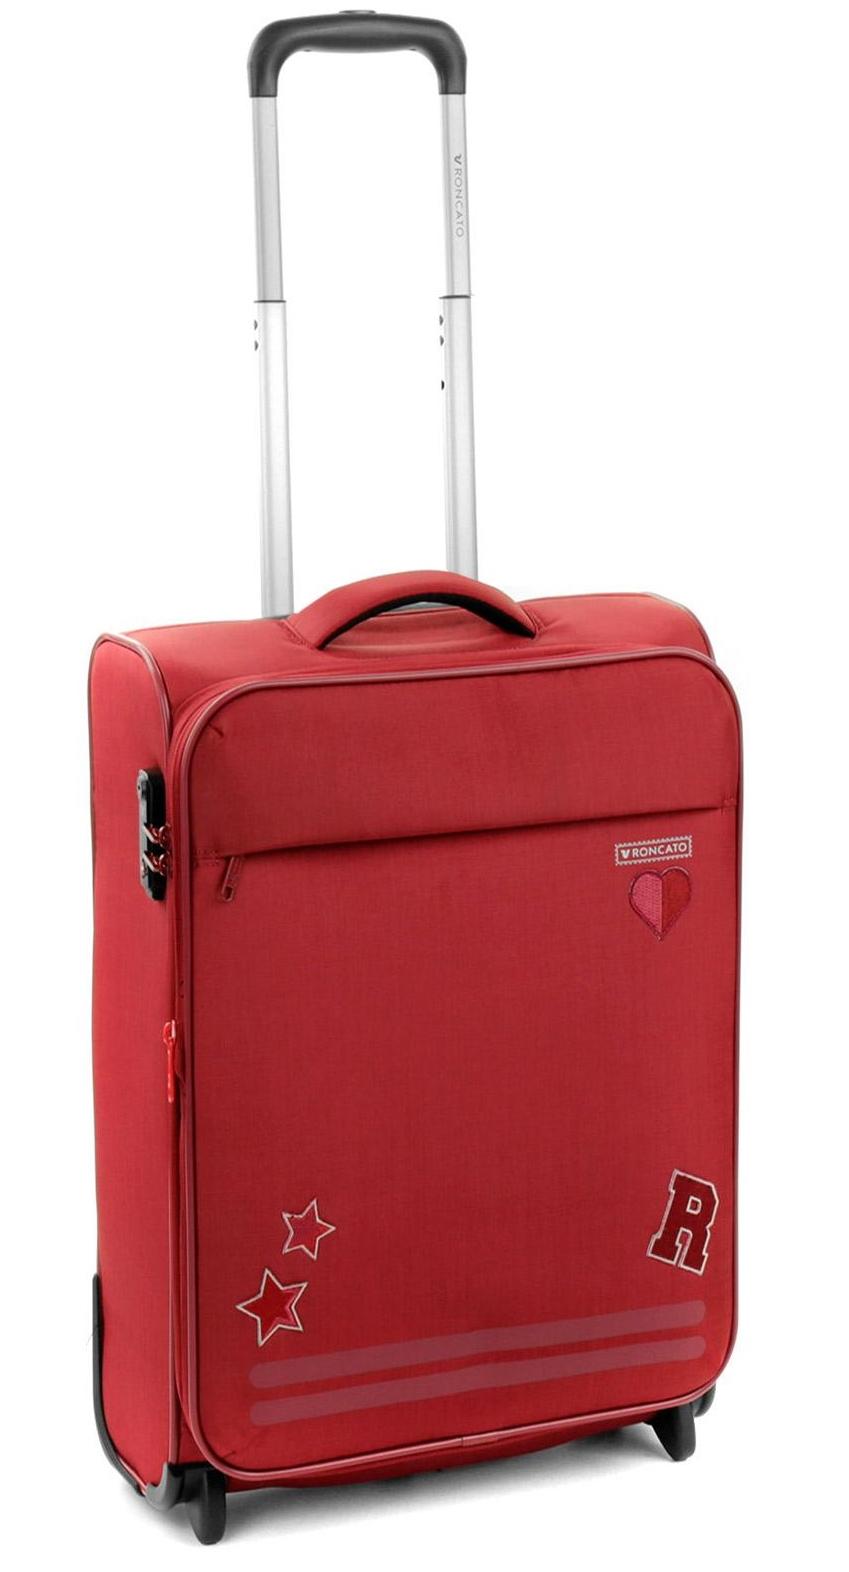 97075f7af07e Roncato Fresh 2-kerekes bővíthető kabinbőrönd 55 cm 23.190 Ft-os áron!